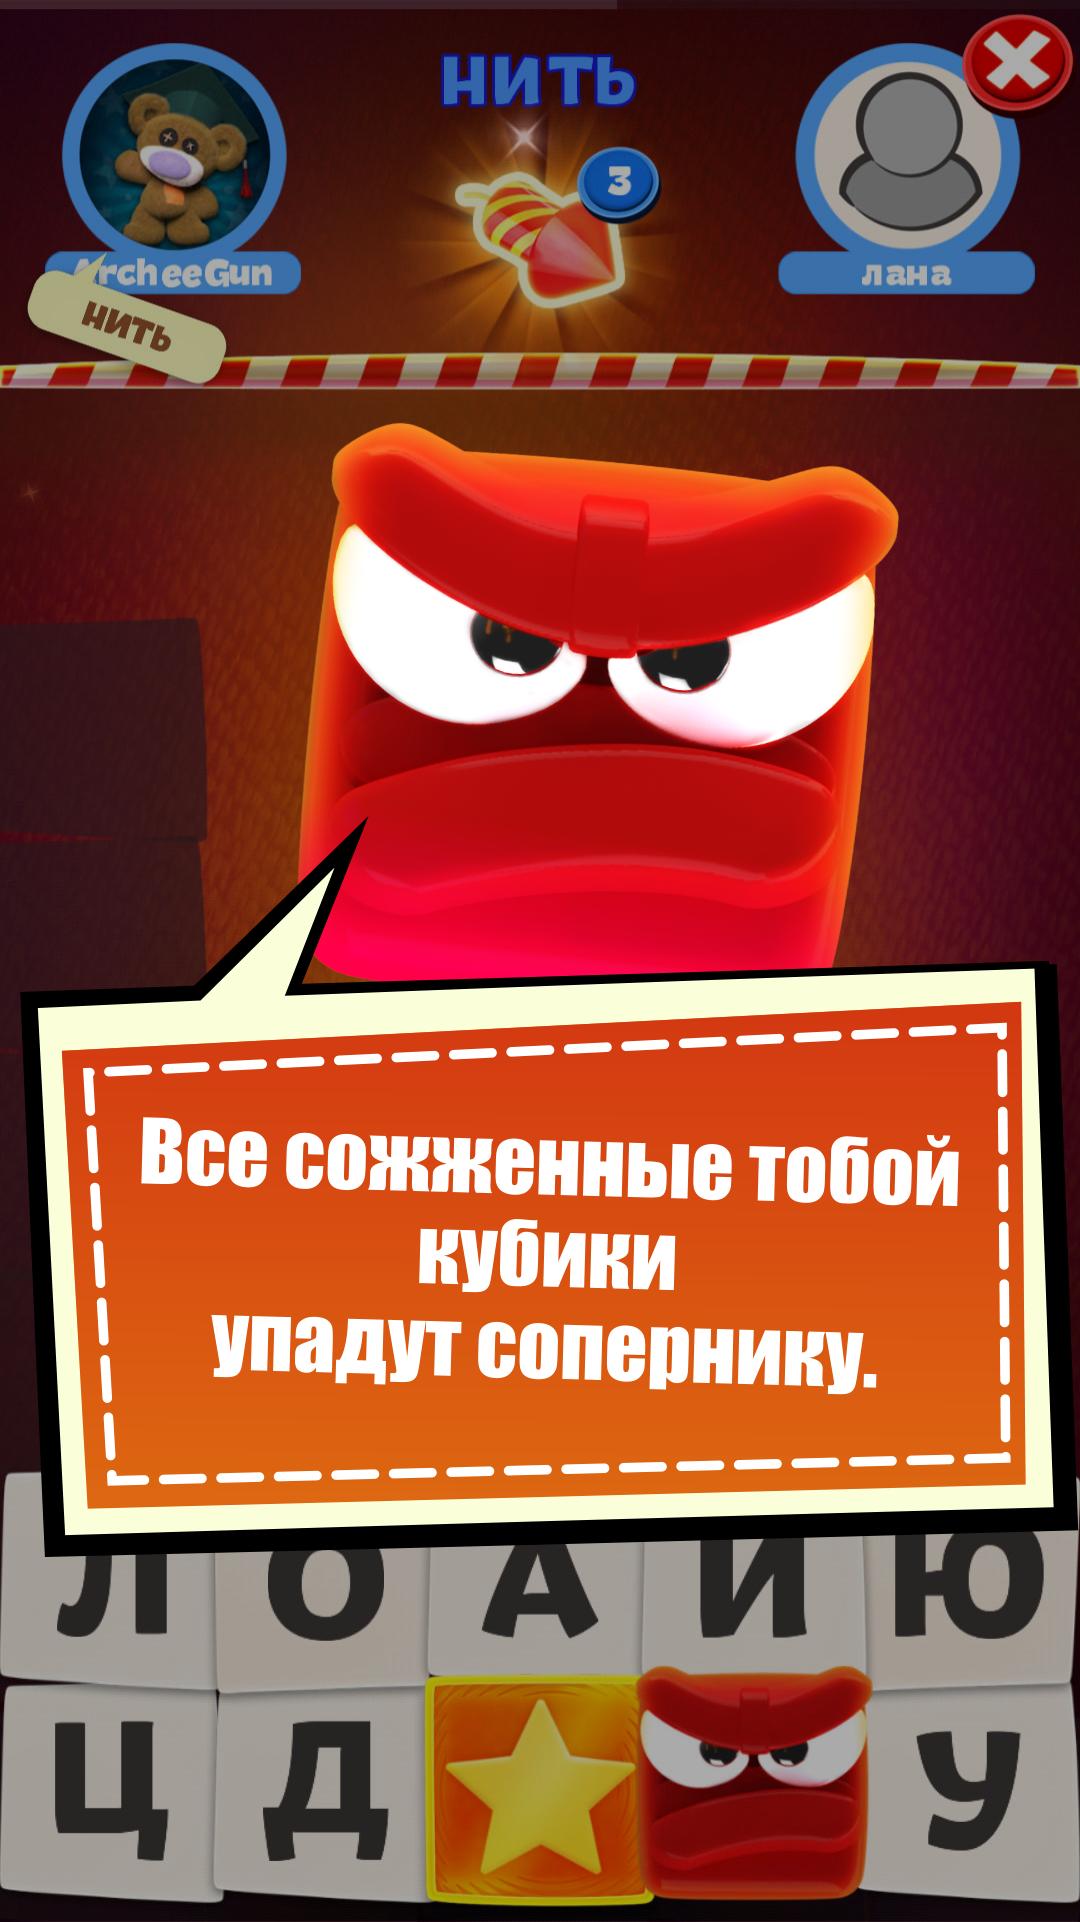 toywords_скриншот_сожженные_кубики_battle_дуэль